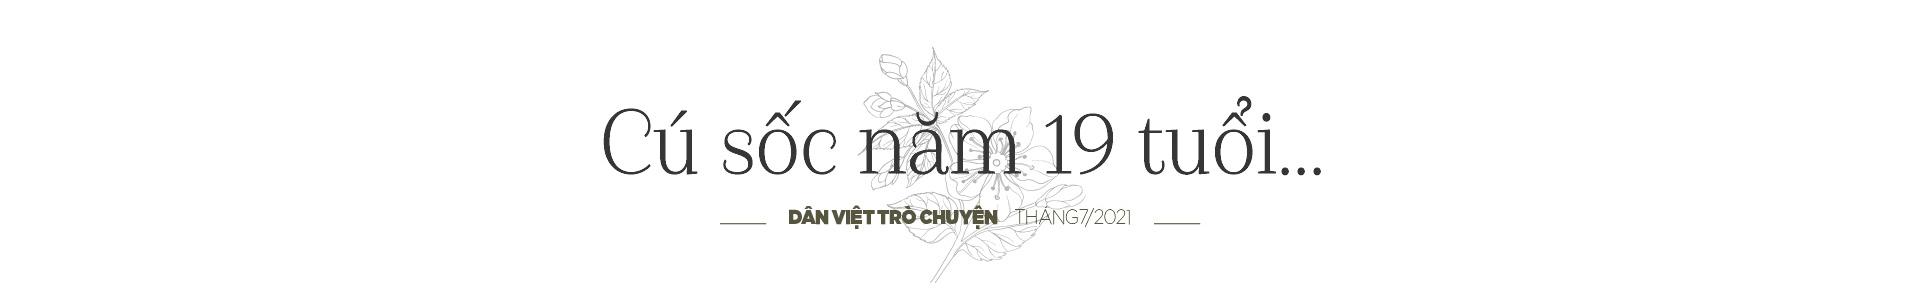 """Nguyễn Văn Phú – tác giả cuốn sách """"Bạn sinh ra để sống"""": """"Với tôi, ung thư là một món quà""""  - Ảnh 2."""